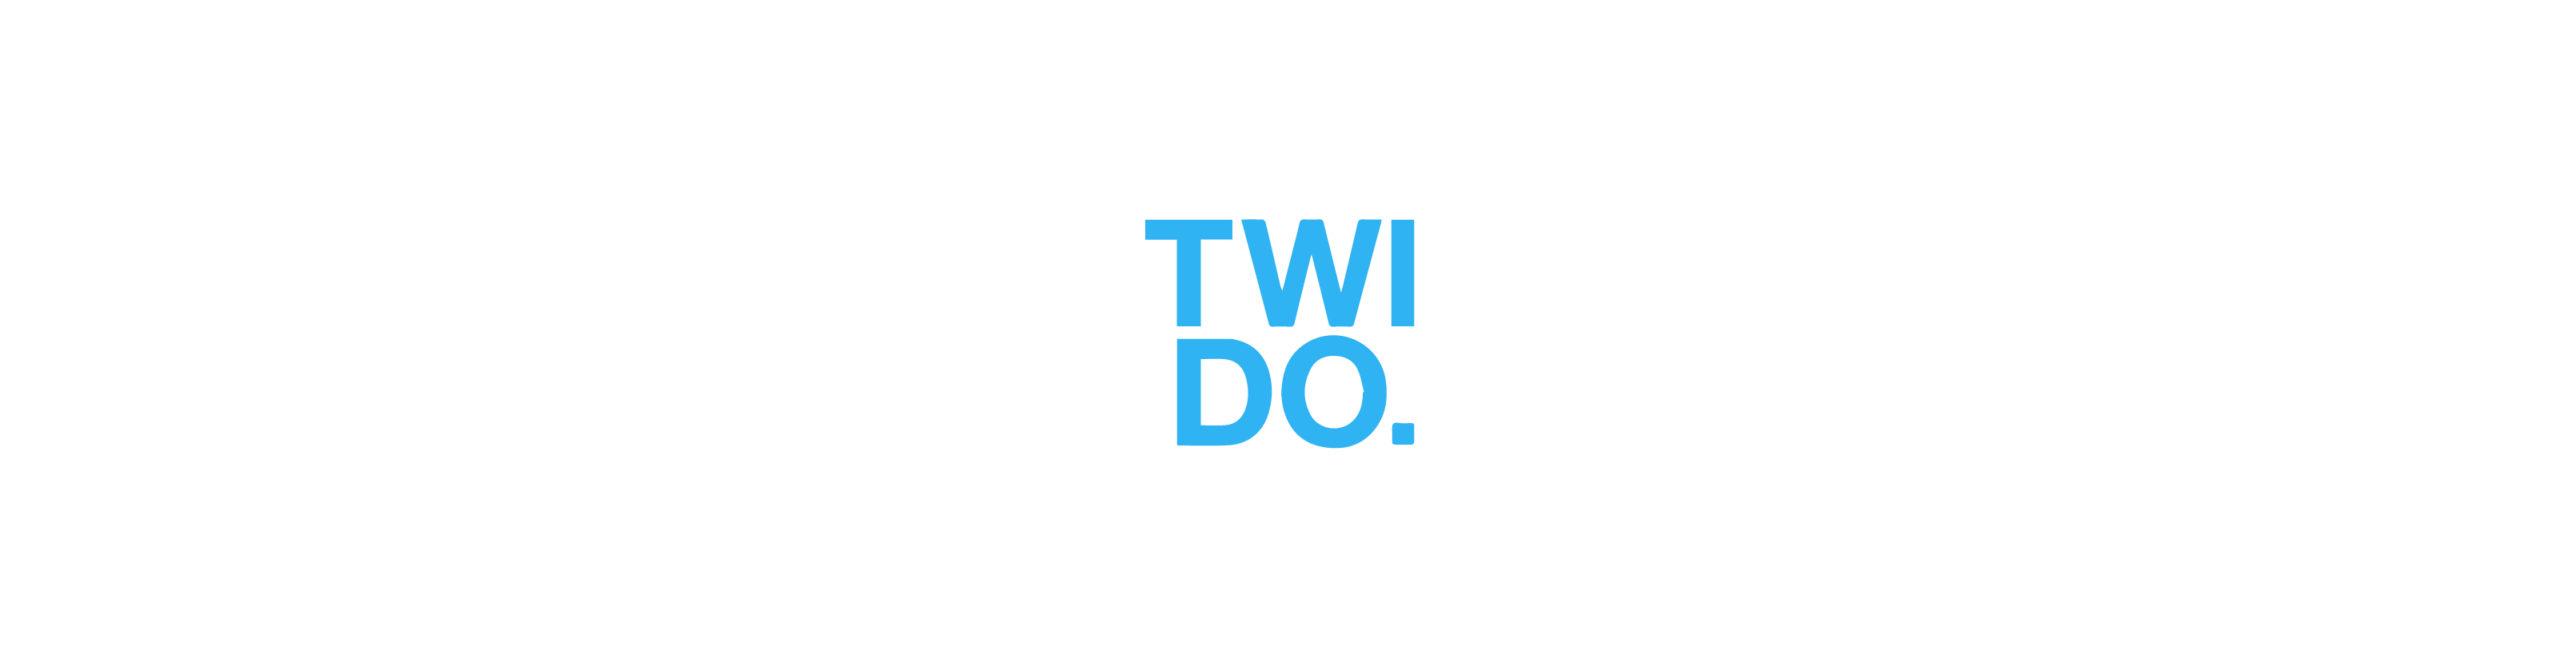 Twido logo